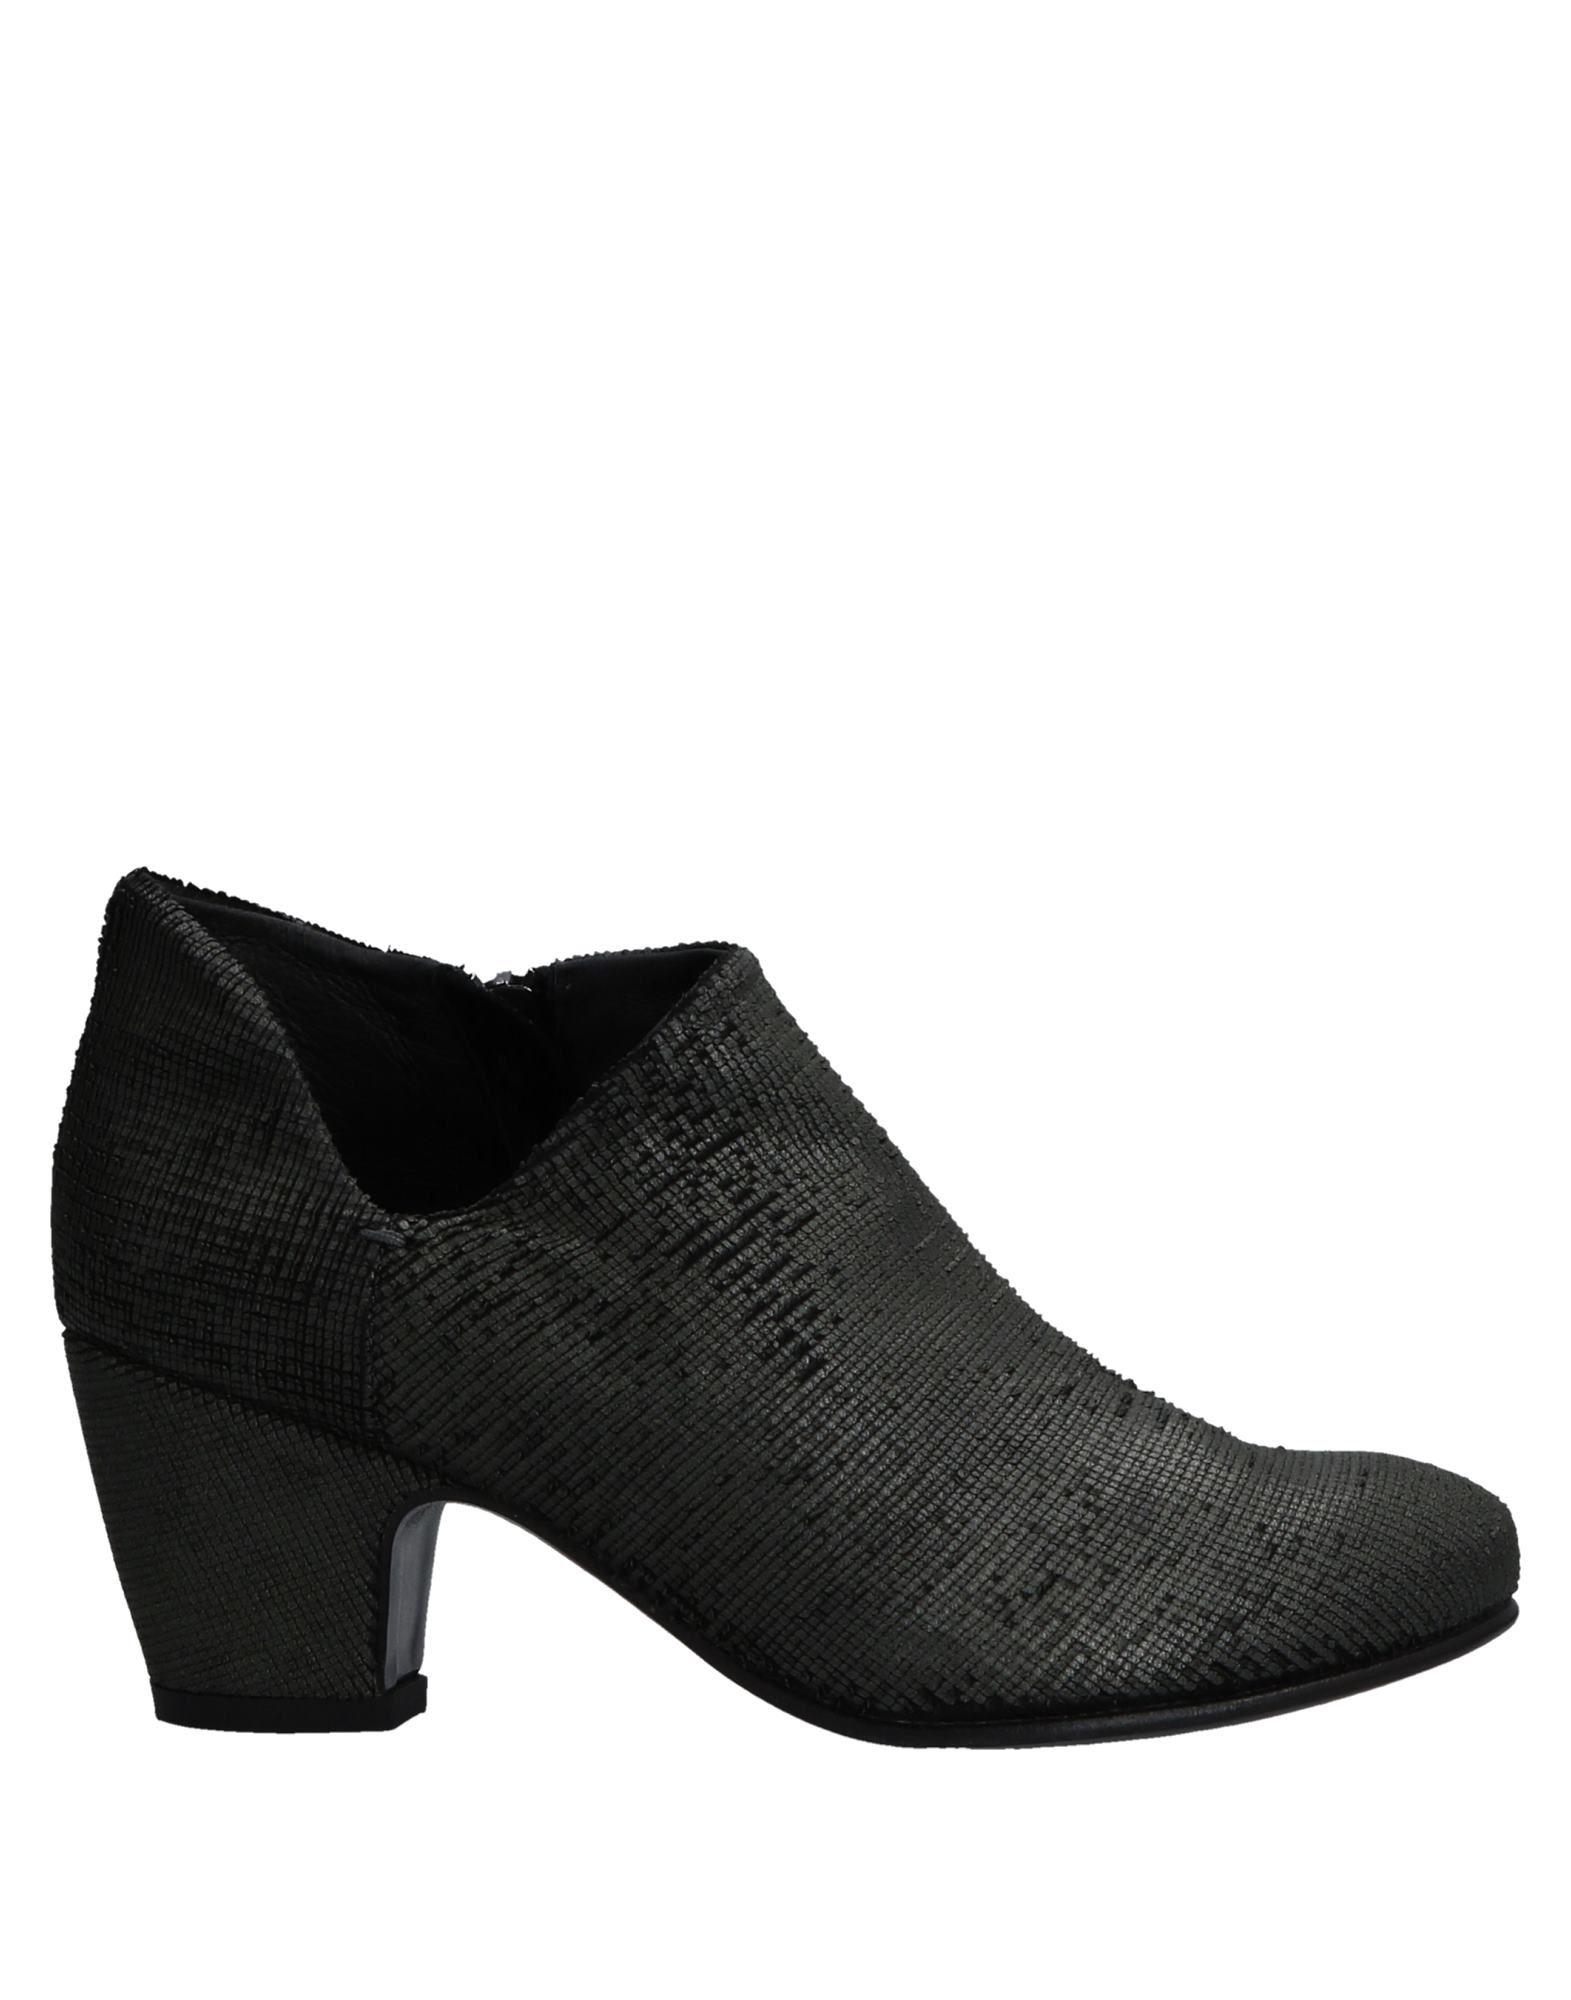 Haltbare Mode billige Schuhe Michelediloco Stiefelette Damen Damen Stiefelette  11527332OB Heiße Schuhe 29ca6e